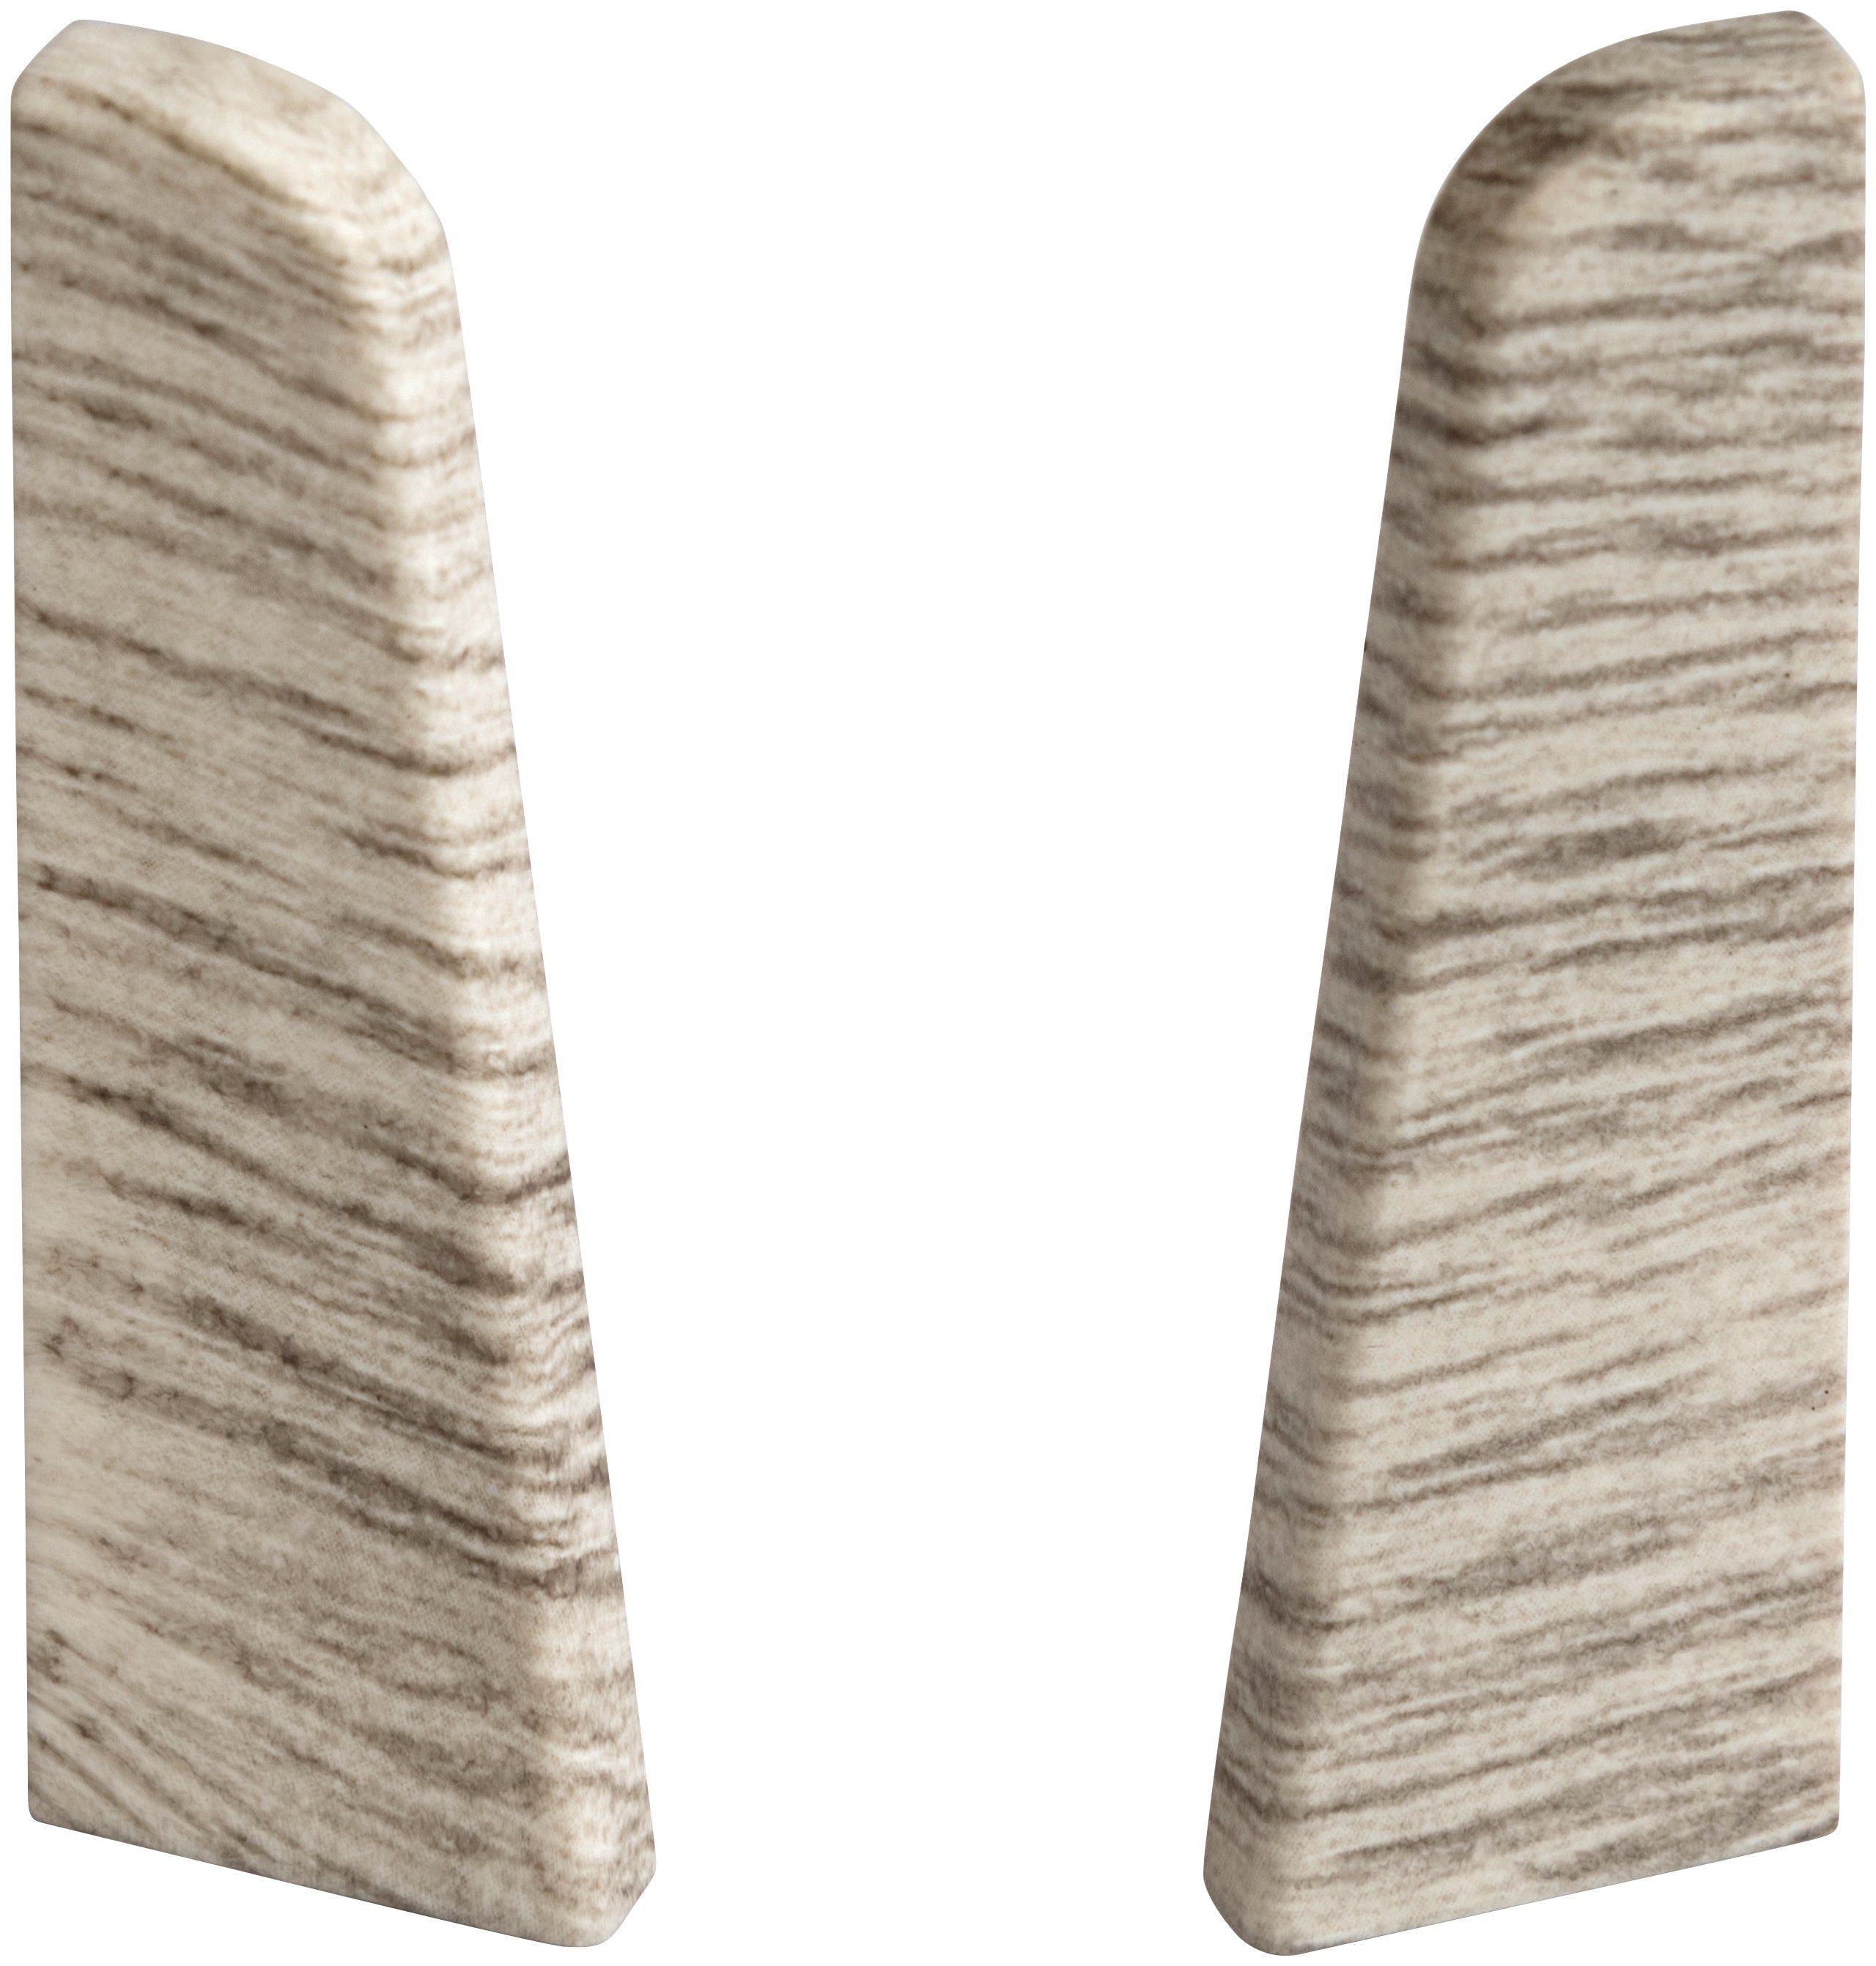 EGGER Endstücke »Esche grau«, für 6cm EGGER Sockelleiste